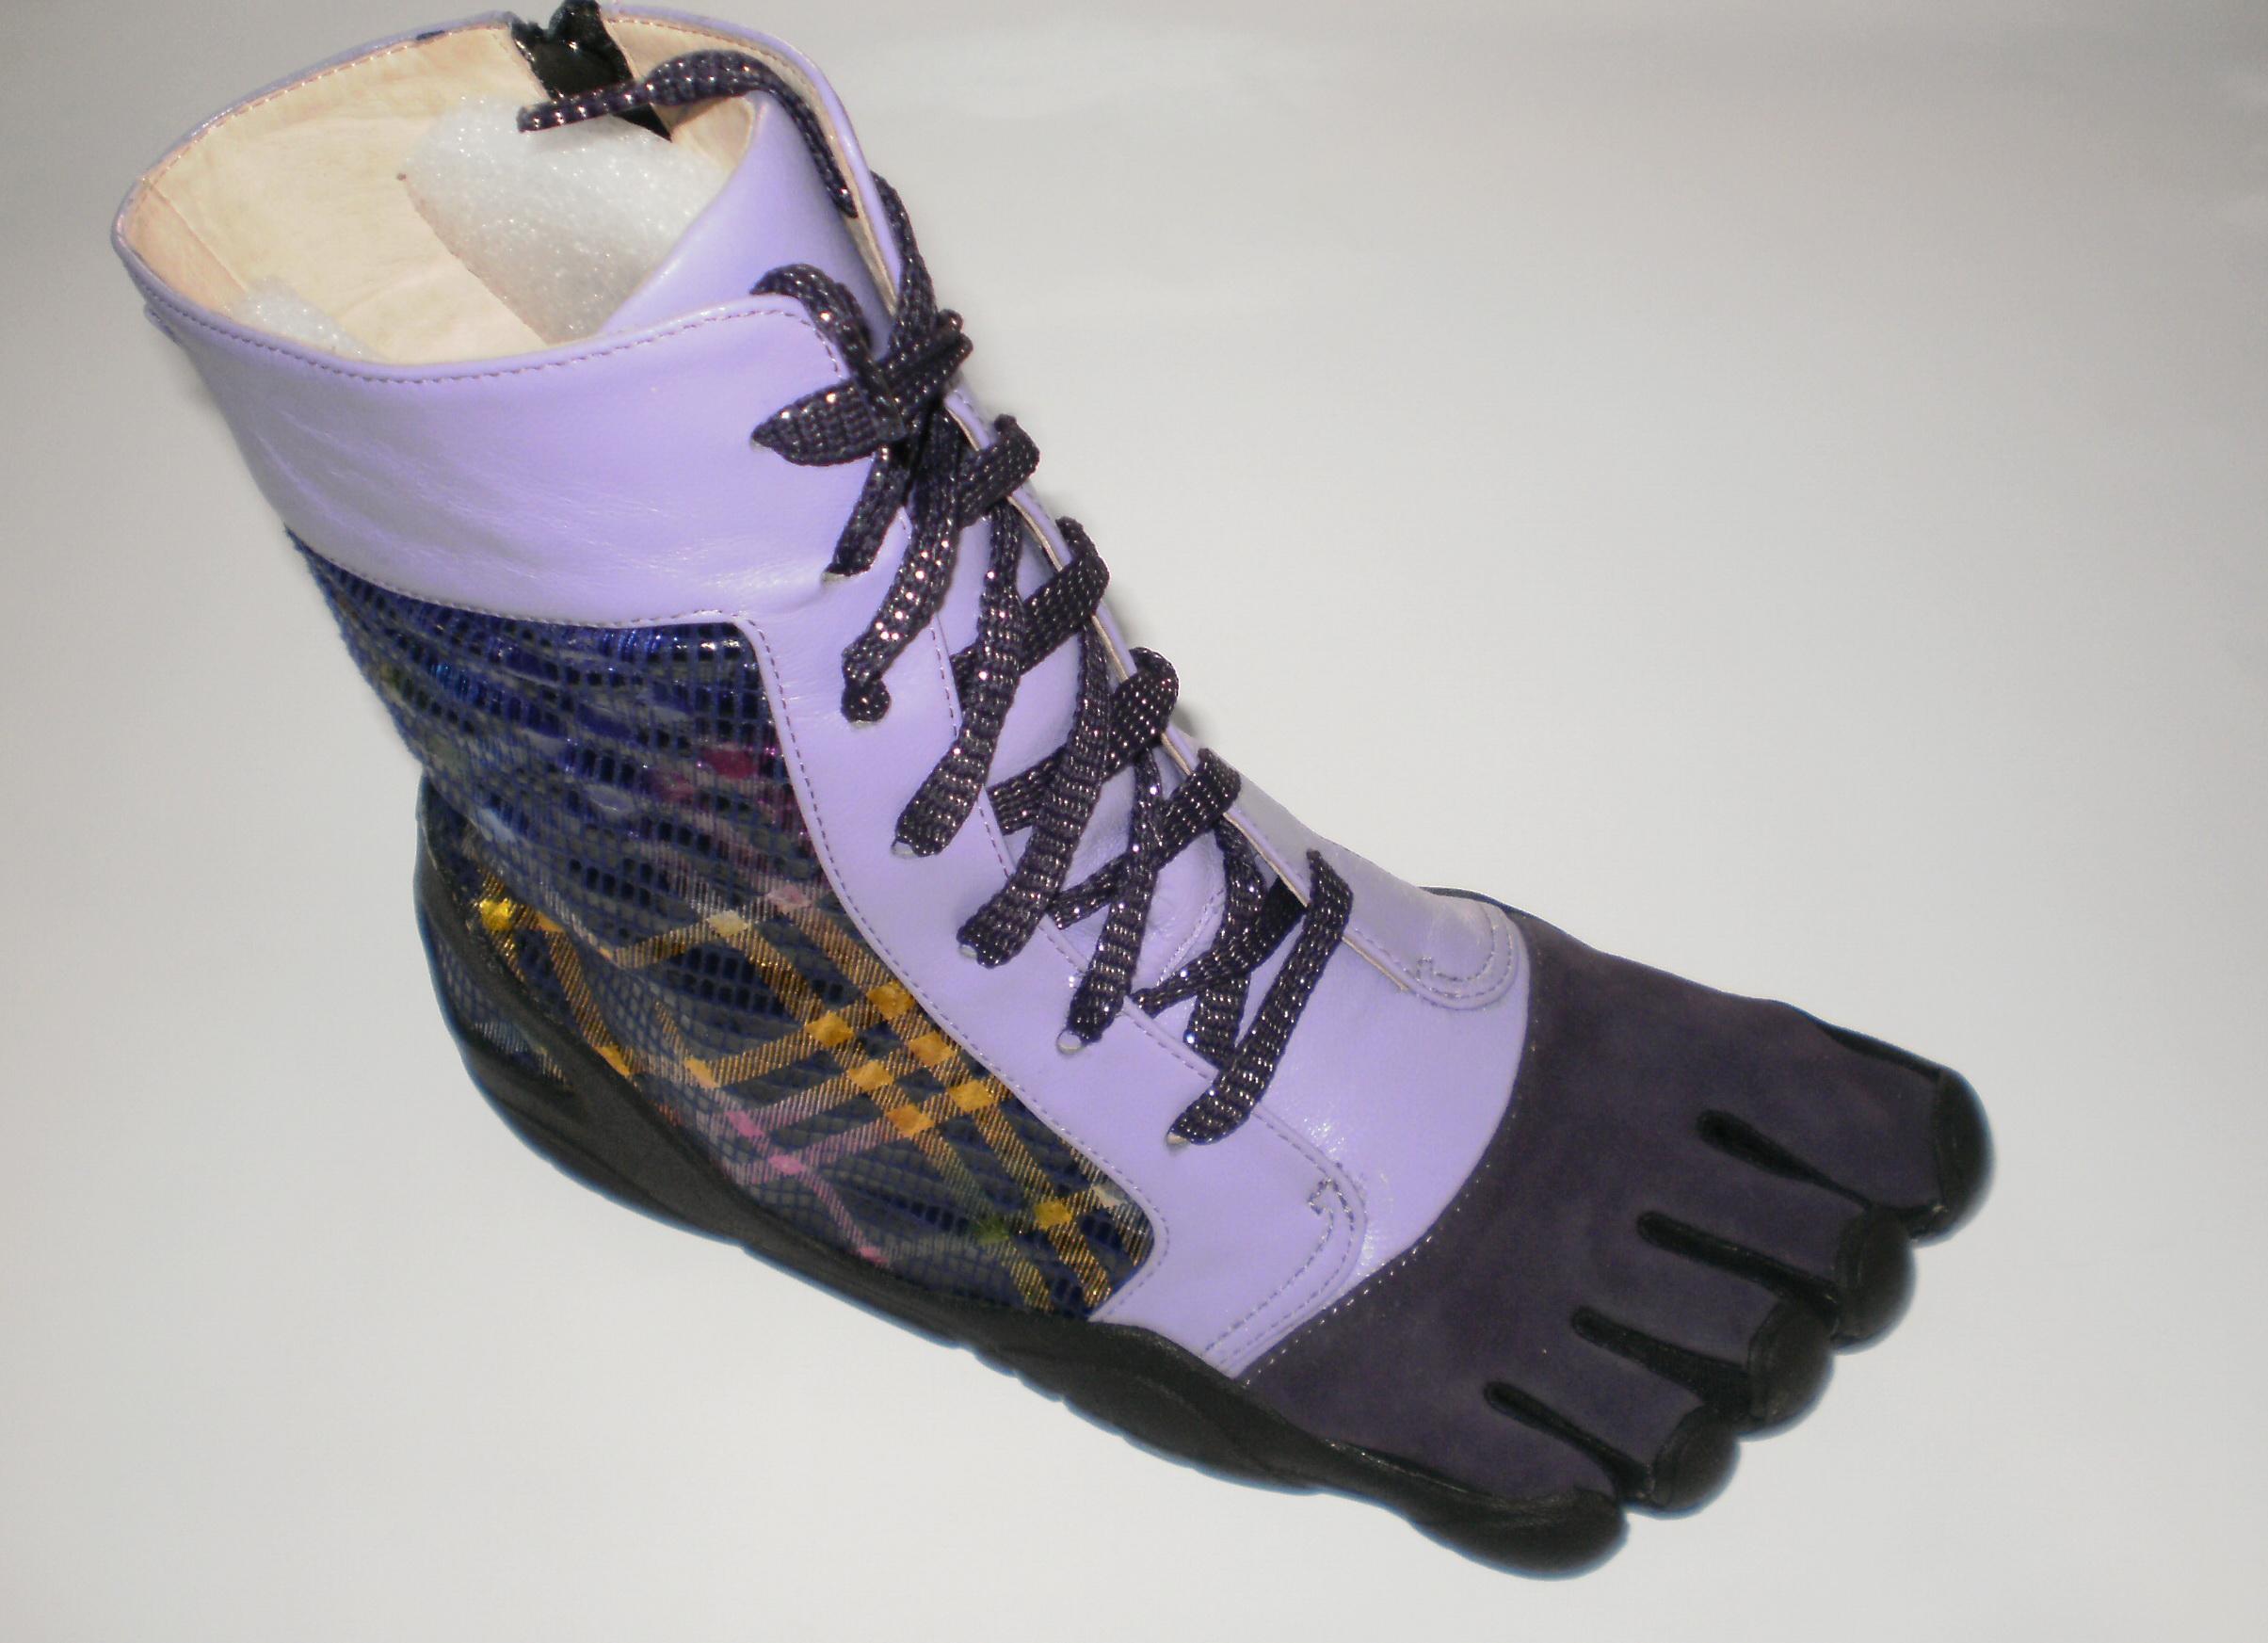 步斯特五指鞋 全新产品 喜迎健康生活!